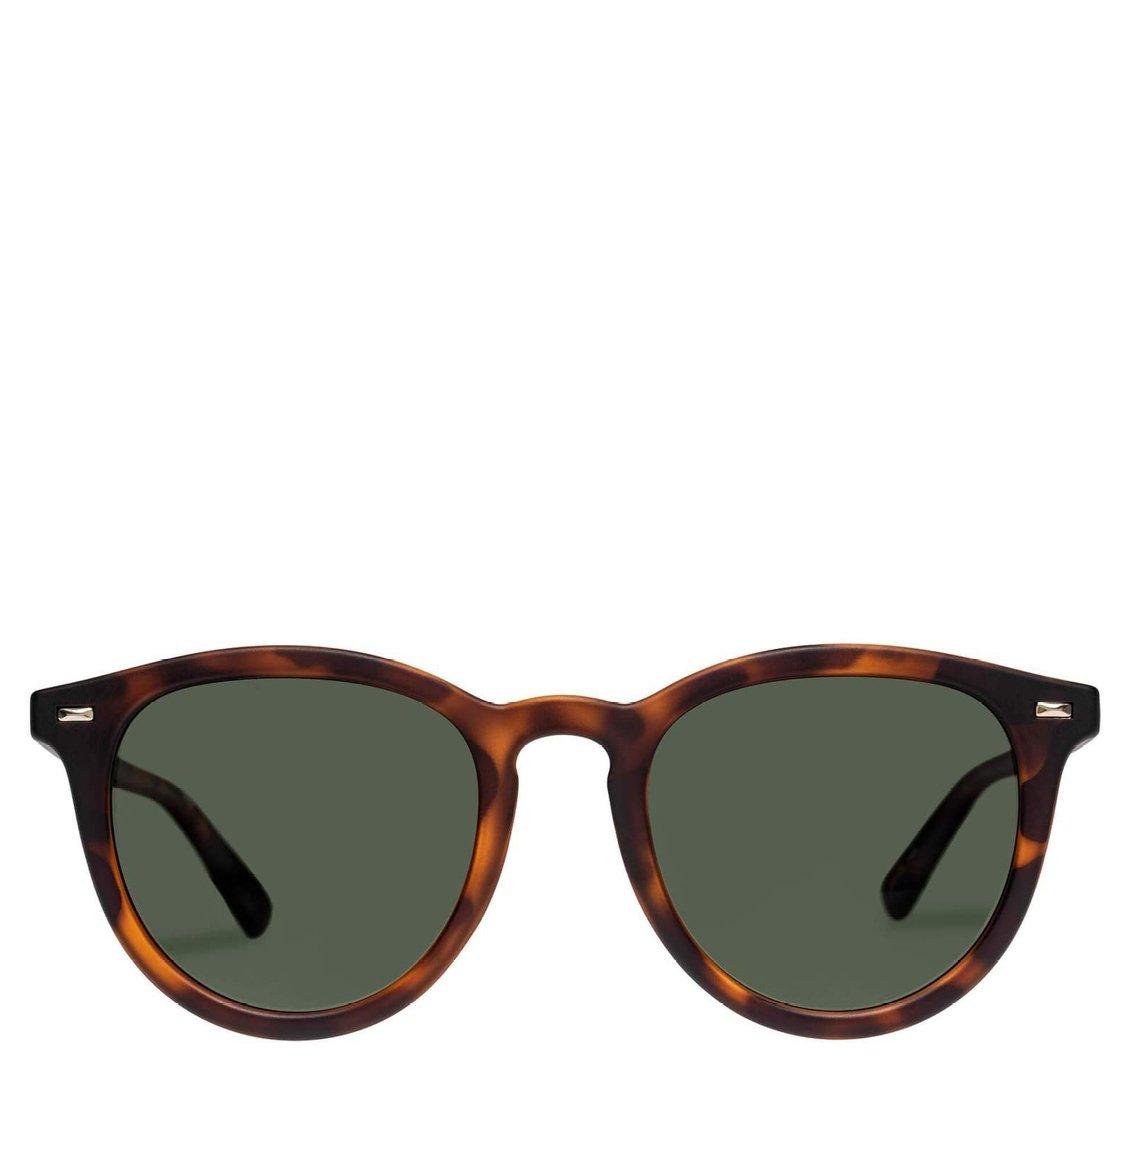 Le Specs Round Matte Tortoise Polarised Γυαλιά Ηλίου